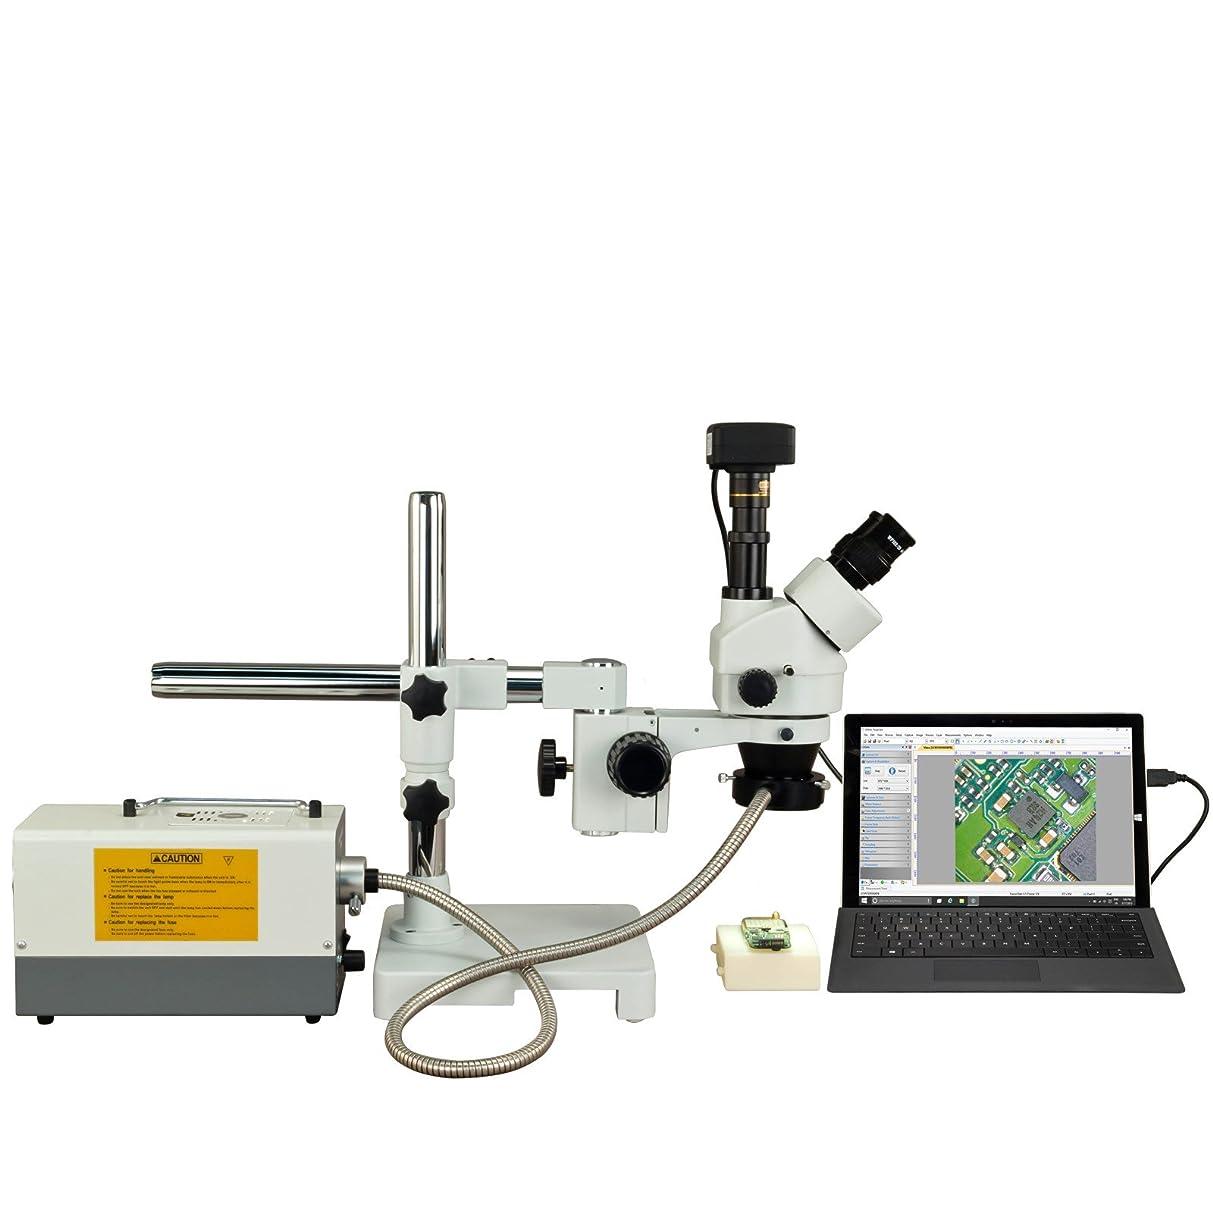 哀れな頬骨軽減するOMAX 150Wファイバリングライト付き2.1倍-90X 18MP USB3ズーム三眼鏡シングルバーブームステレオ顕微鏡